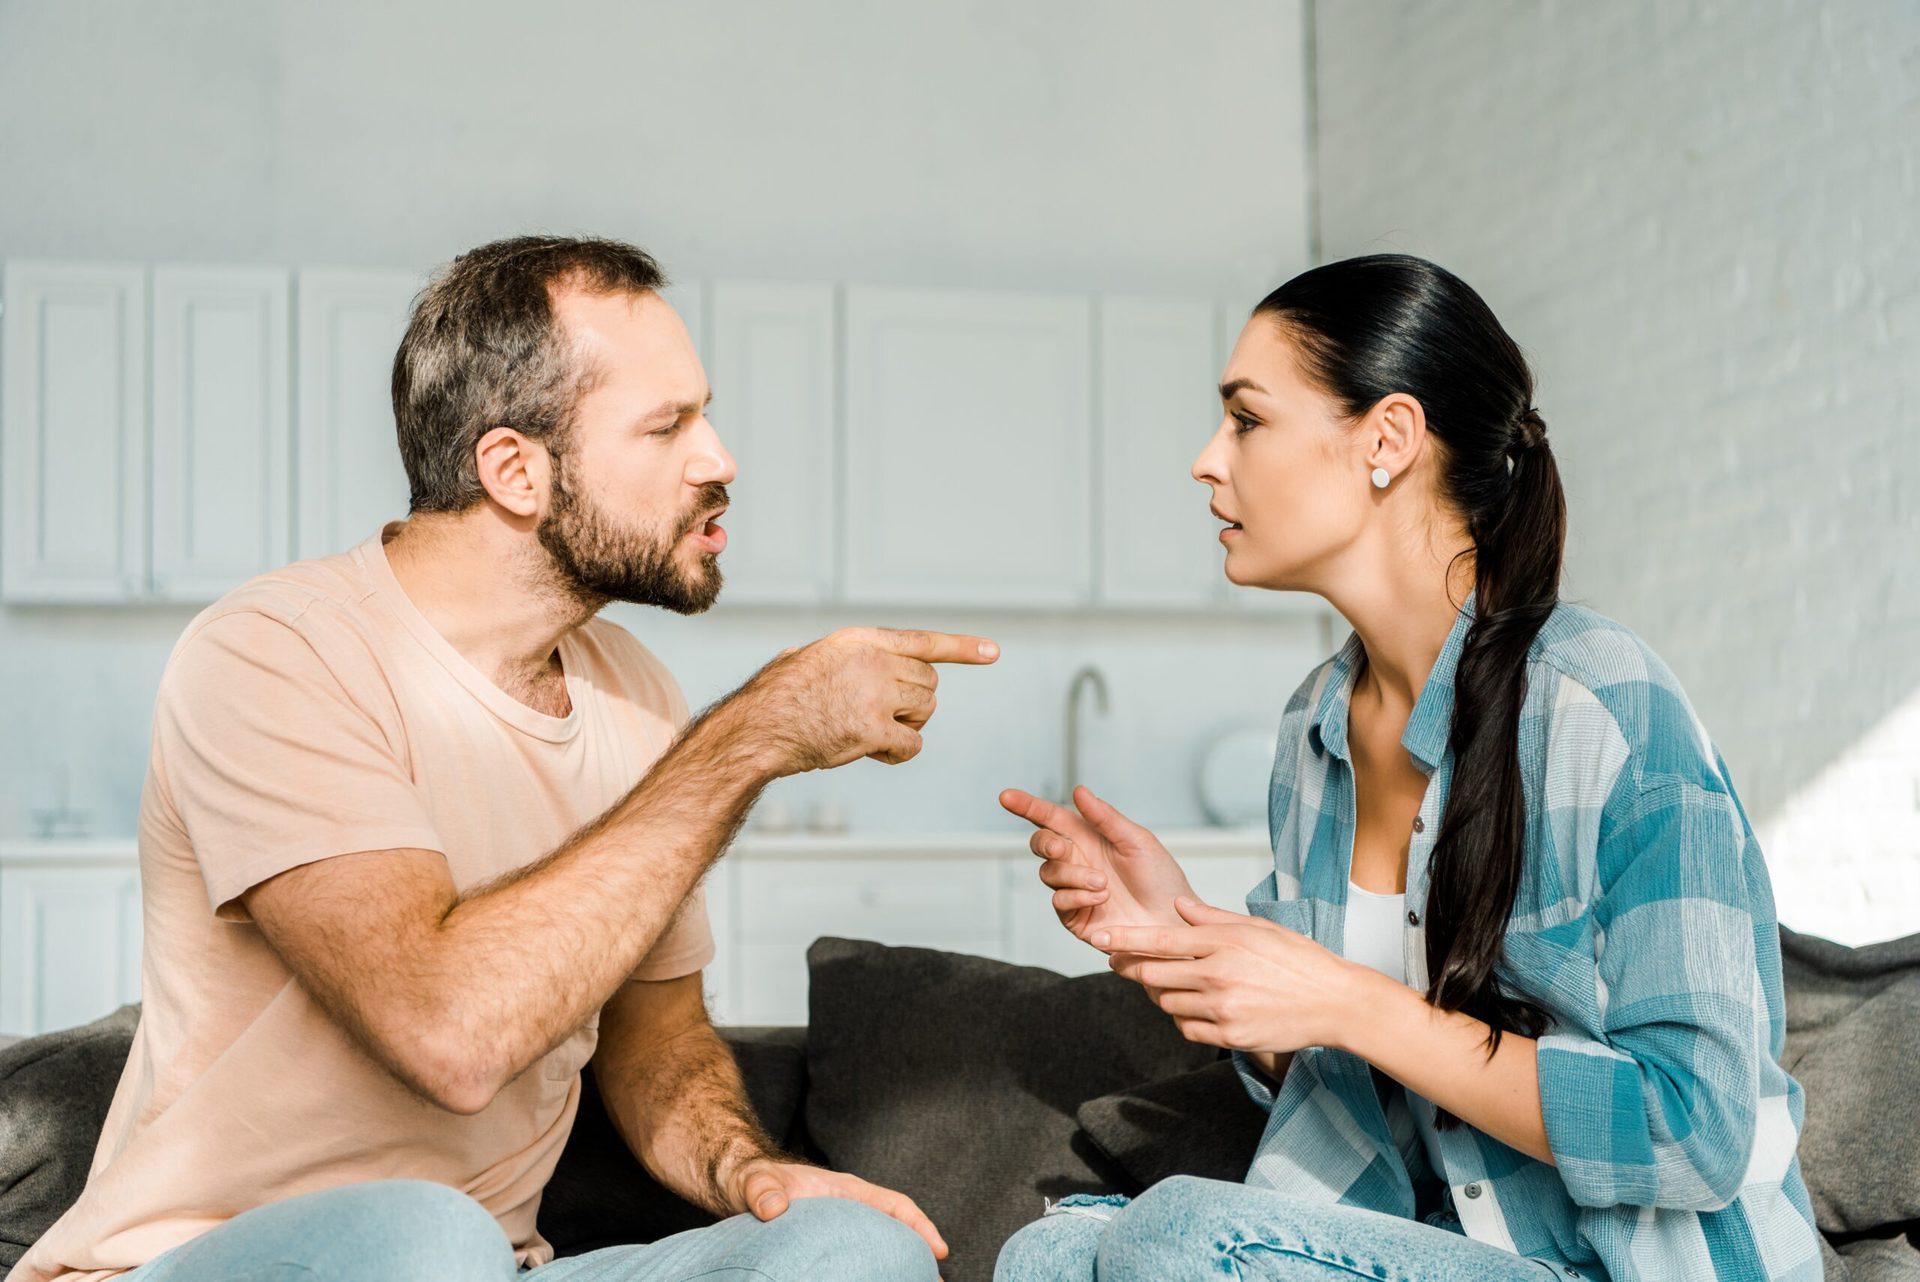 запреты девушке в отношениях